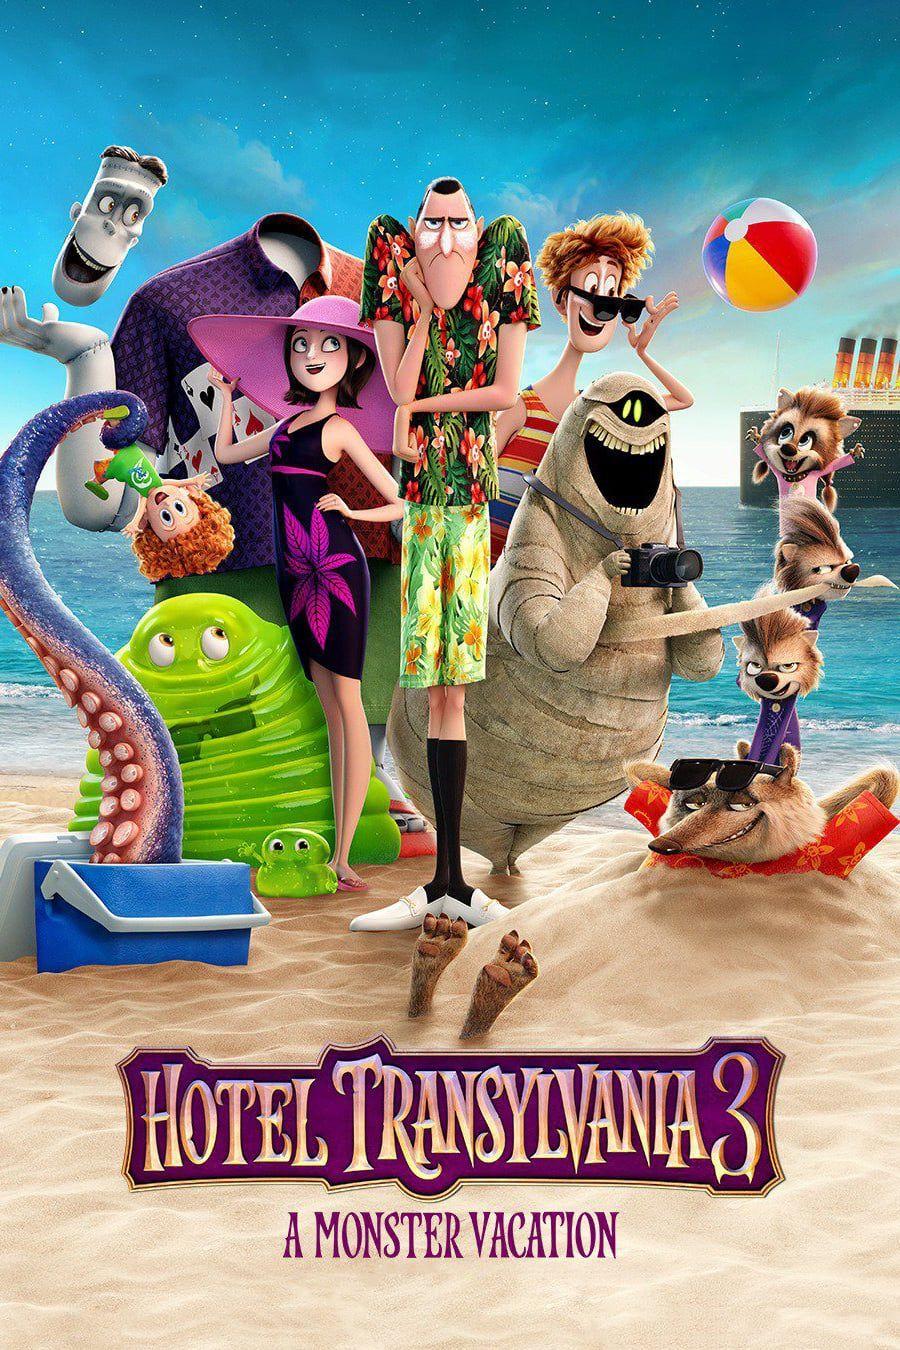 Ver Hotel Transylvania 3 Pelicula Completa En Espanol Latino Gratis Hotel Transylvania Movie Hotel Transylvania Dvd Vacation Movie